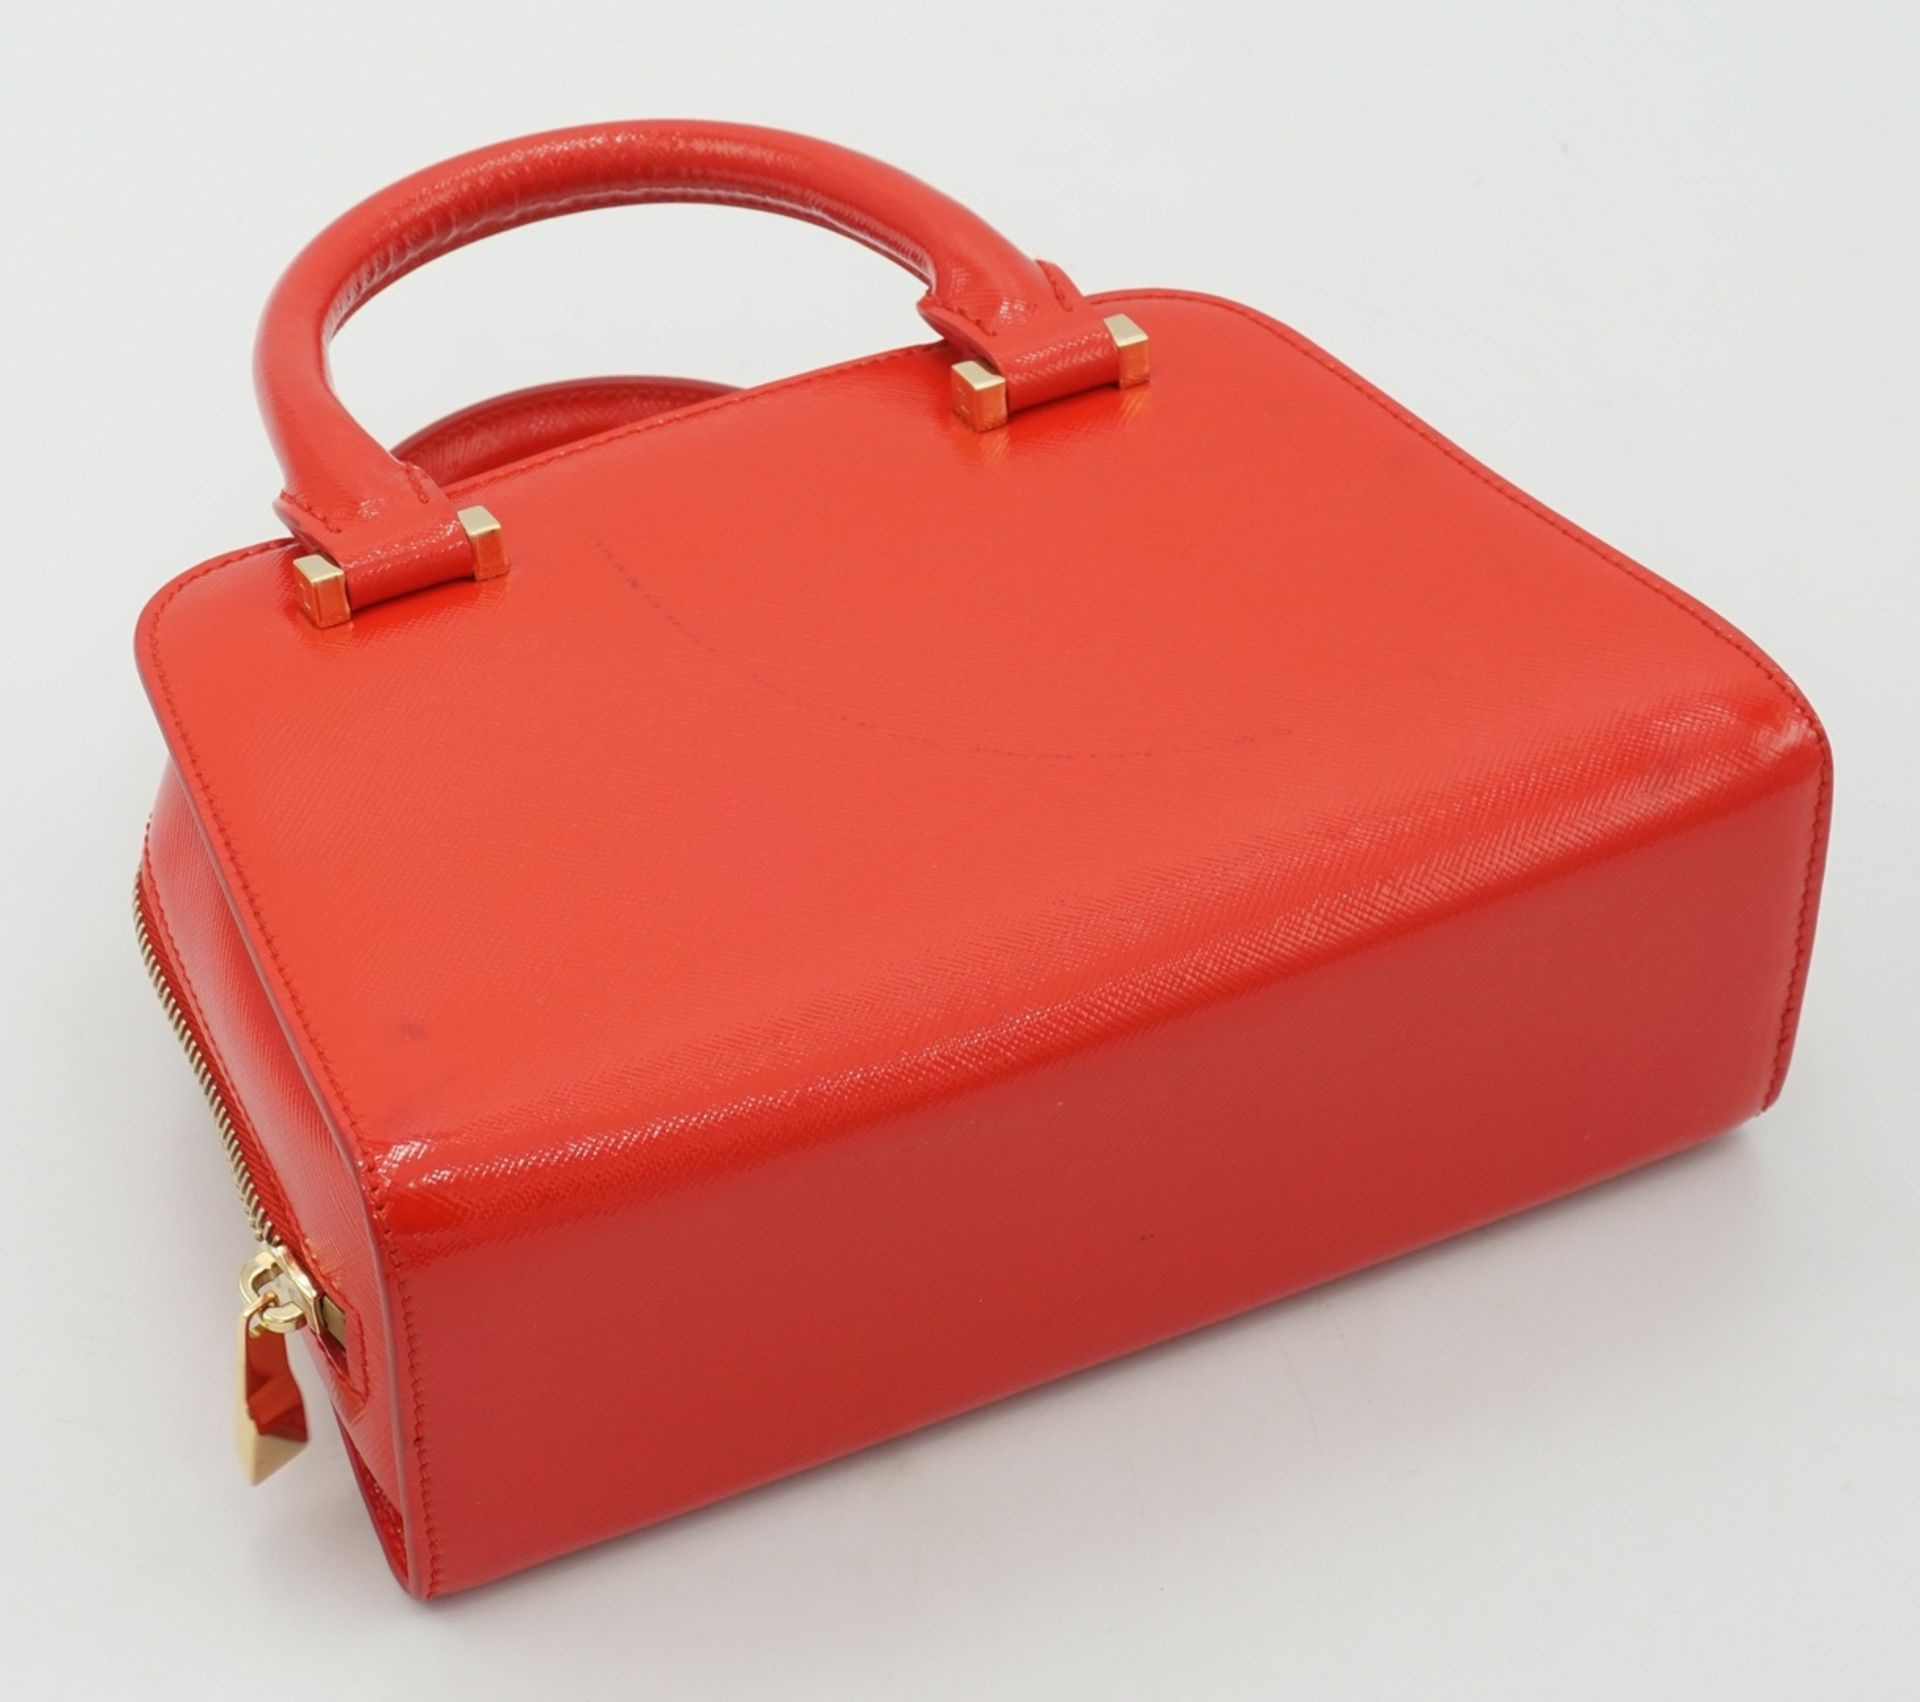 PORSCHE Design TwinBag Mini RED GOLD - Bild 6 aus 9